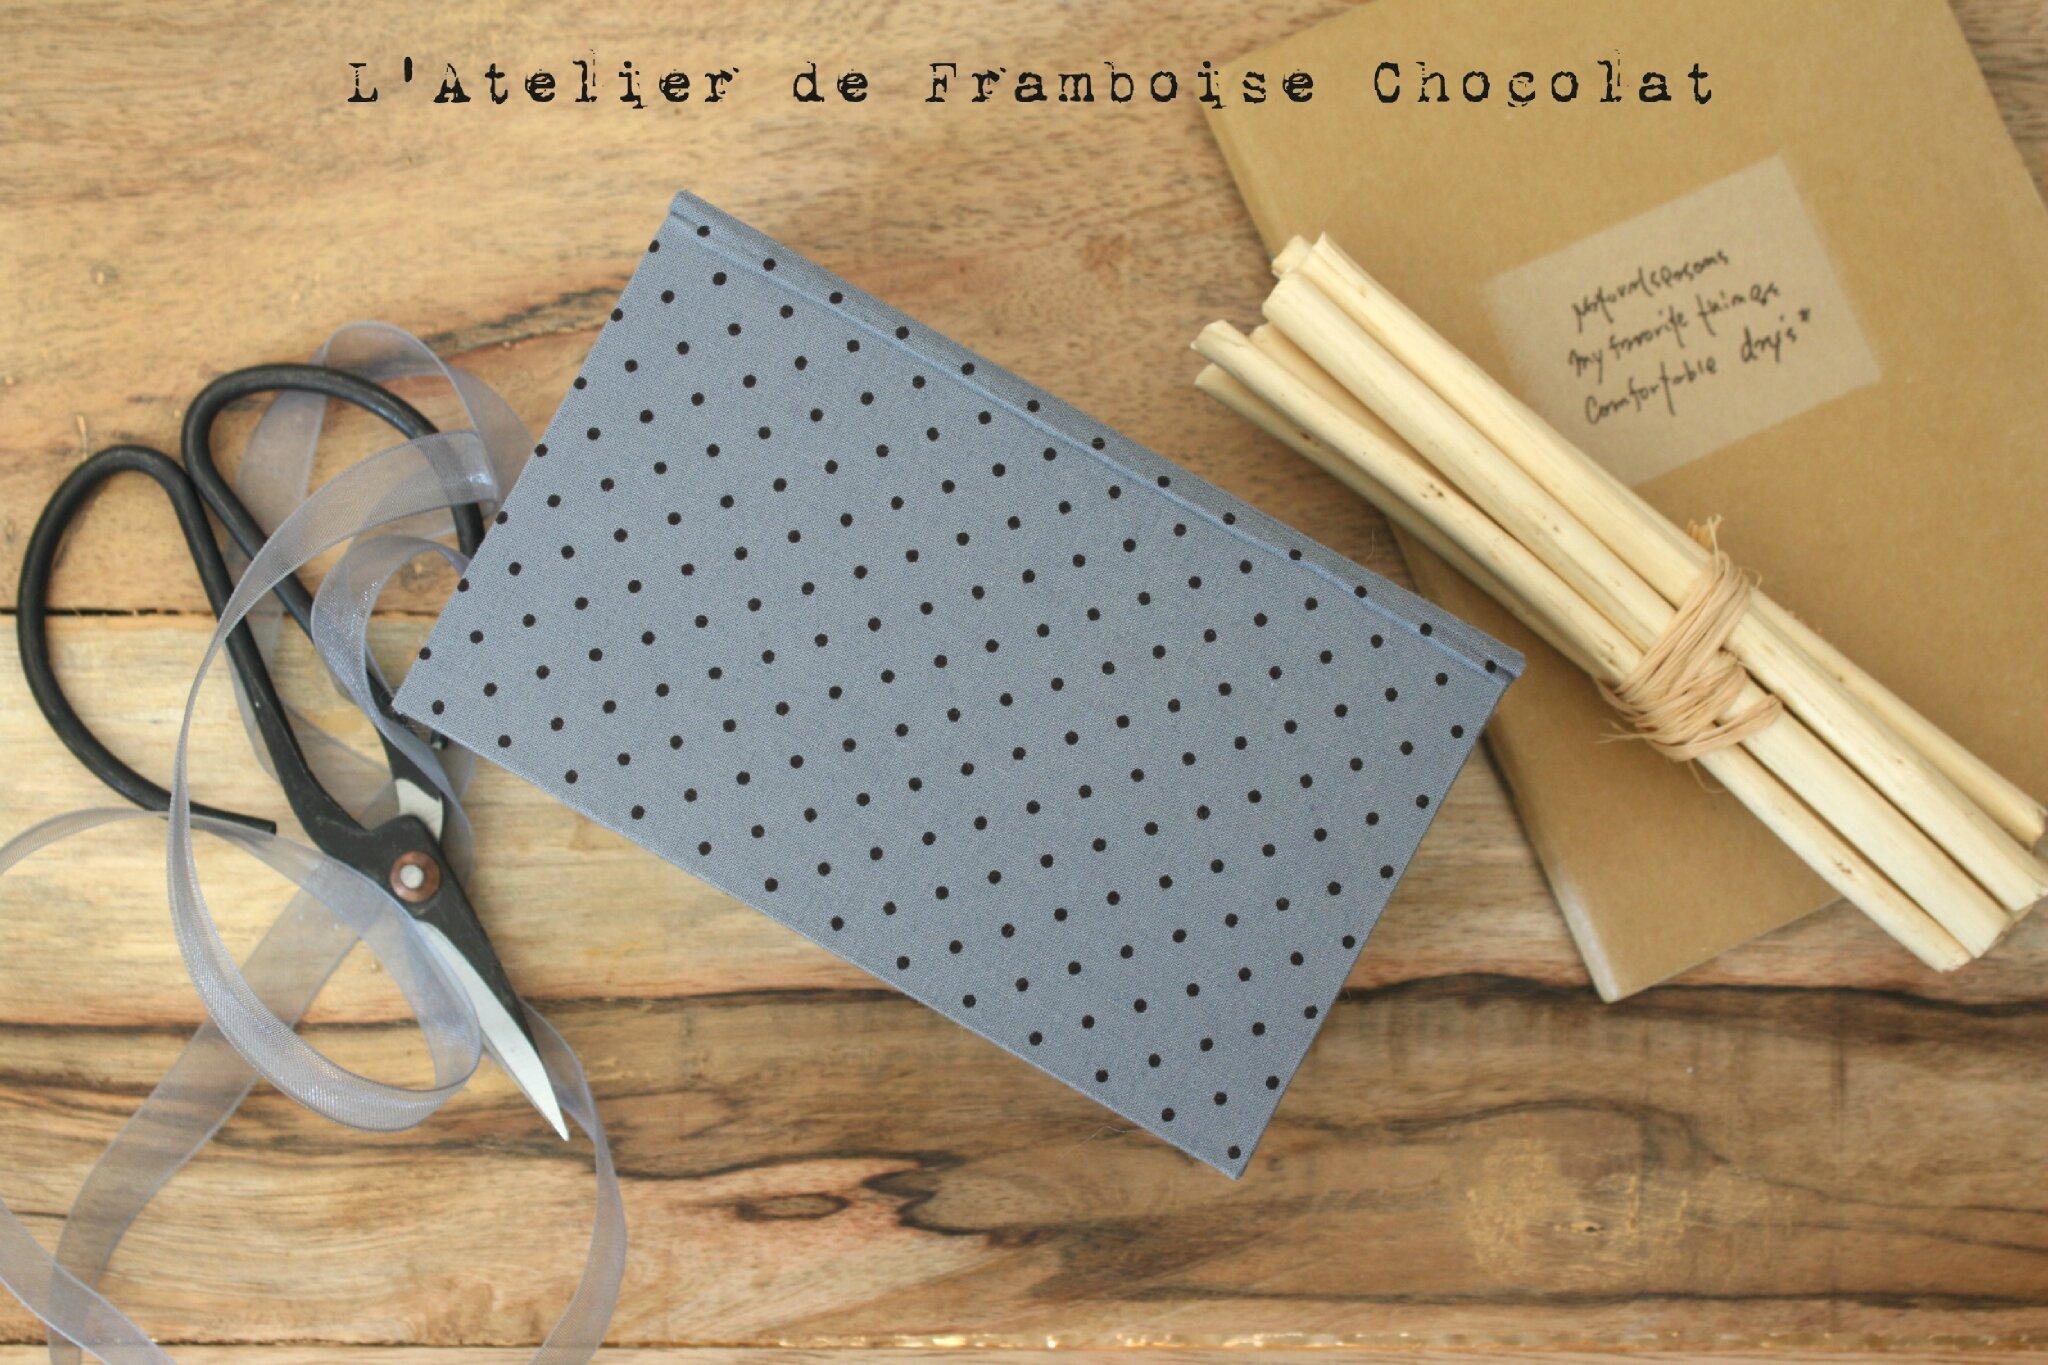 BOÎTE FLEURIE CARTONNAGE L'ATELIER DE FRAMBOISE CHOCOLAT